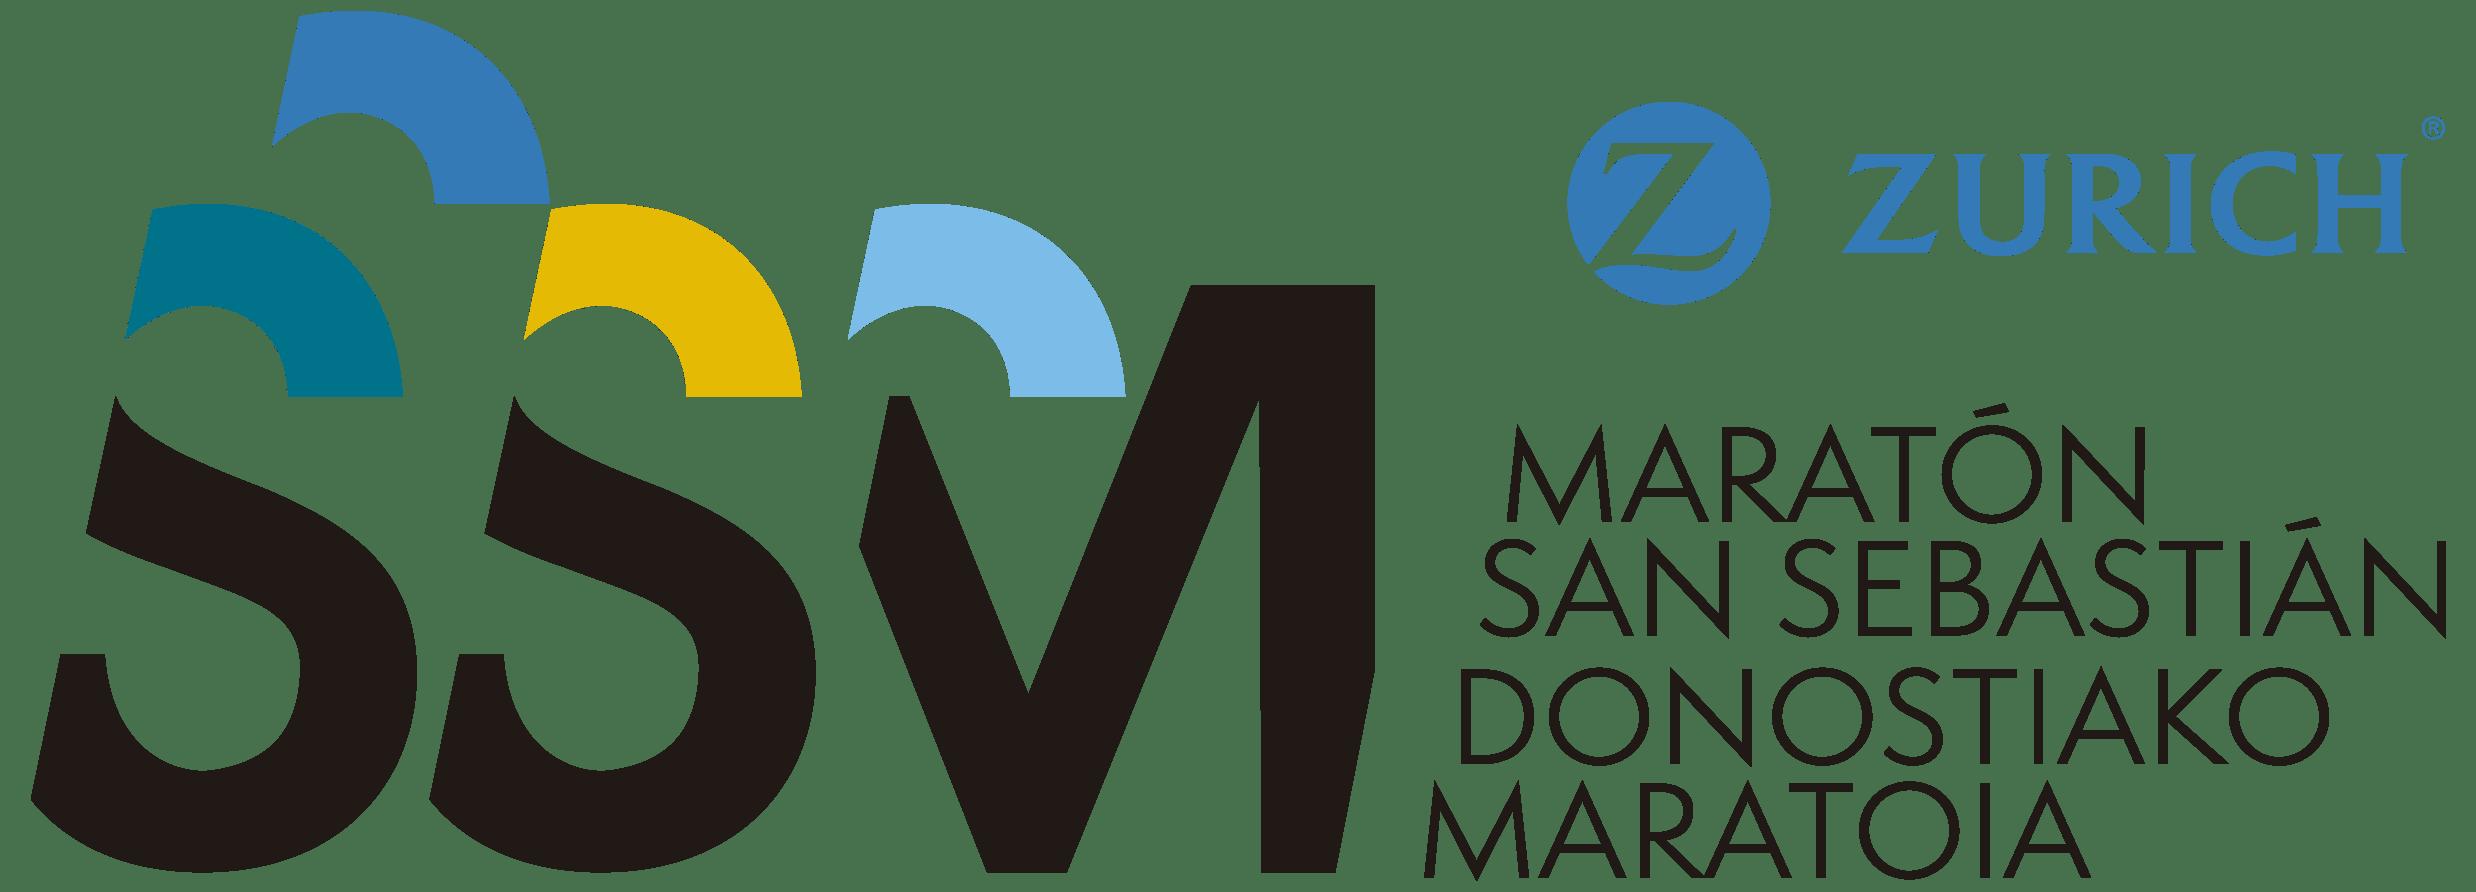 maratón zurich san sebastian españa